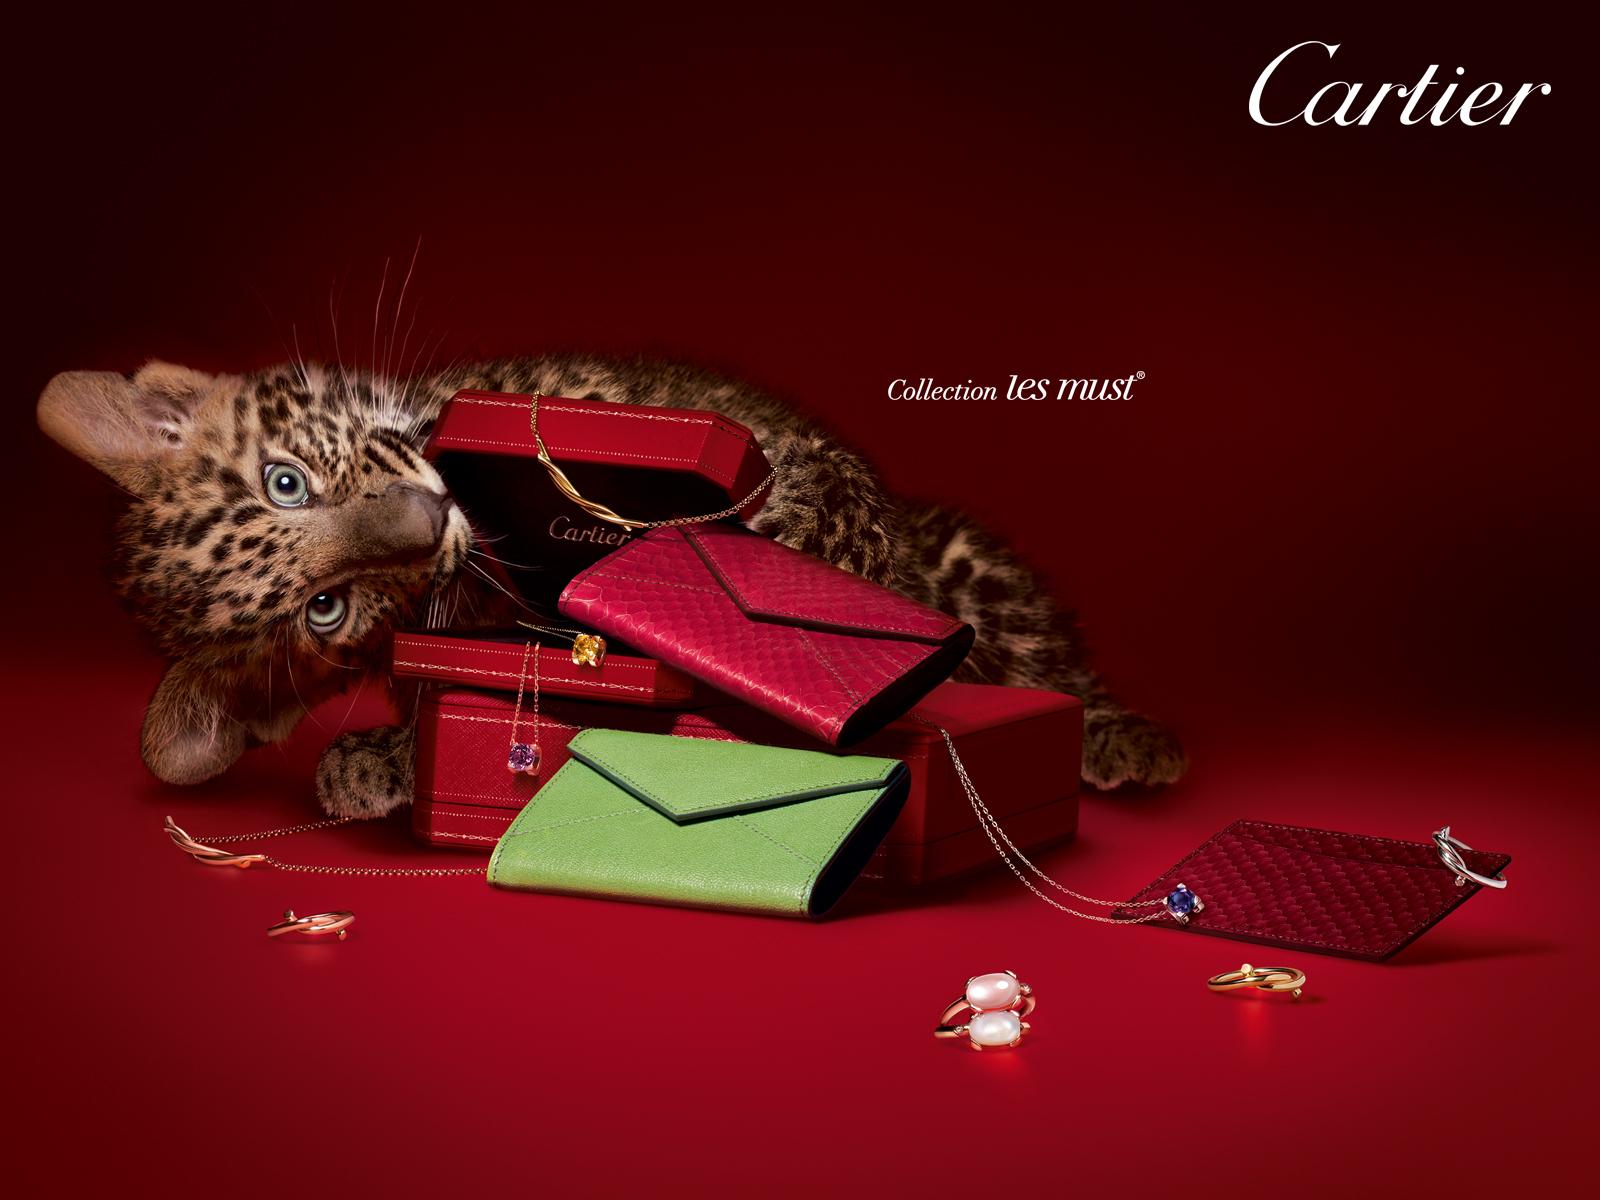 Handy-Wallpaper Tiere, Marken, Leopards kostenlos herunterladen.